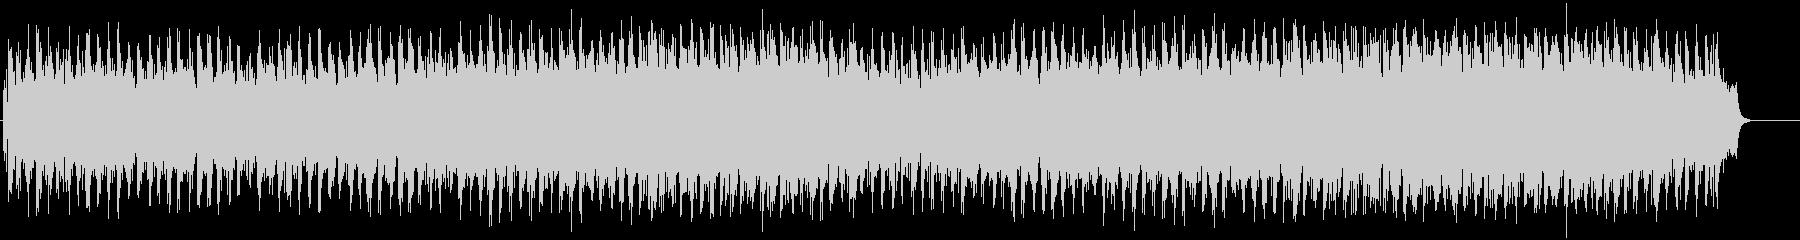 ブライダル風バラード(フルサイズ)の未再生の波形